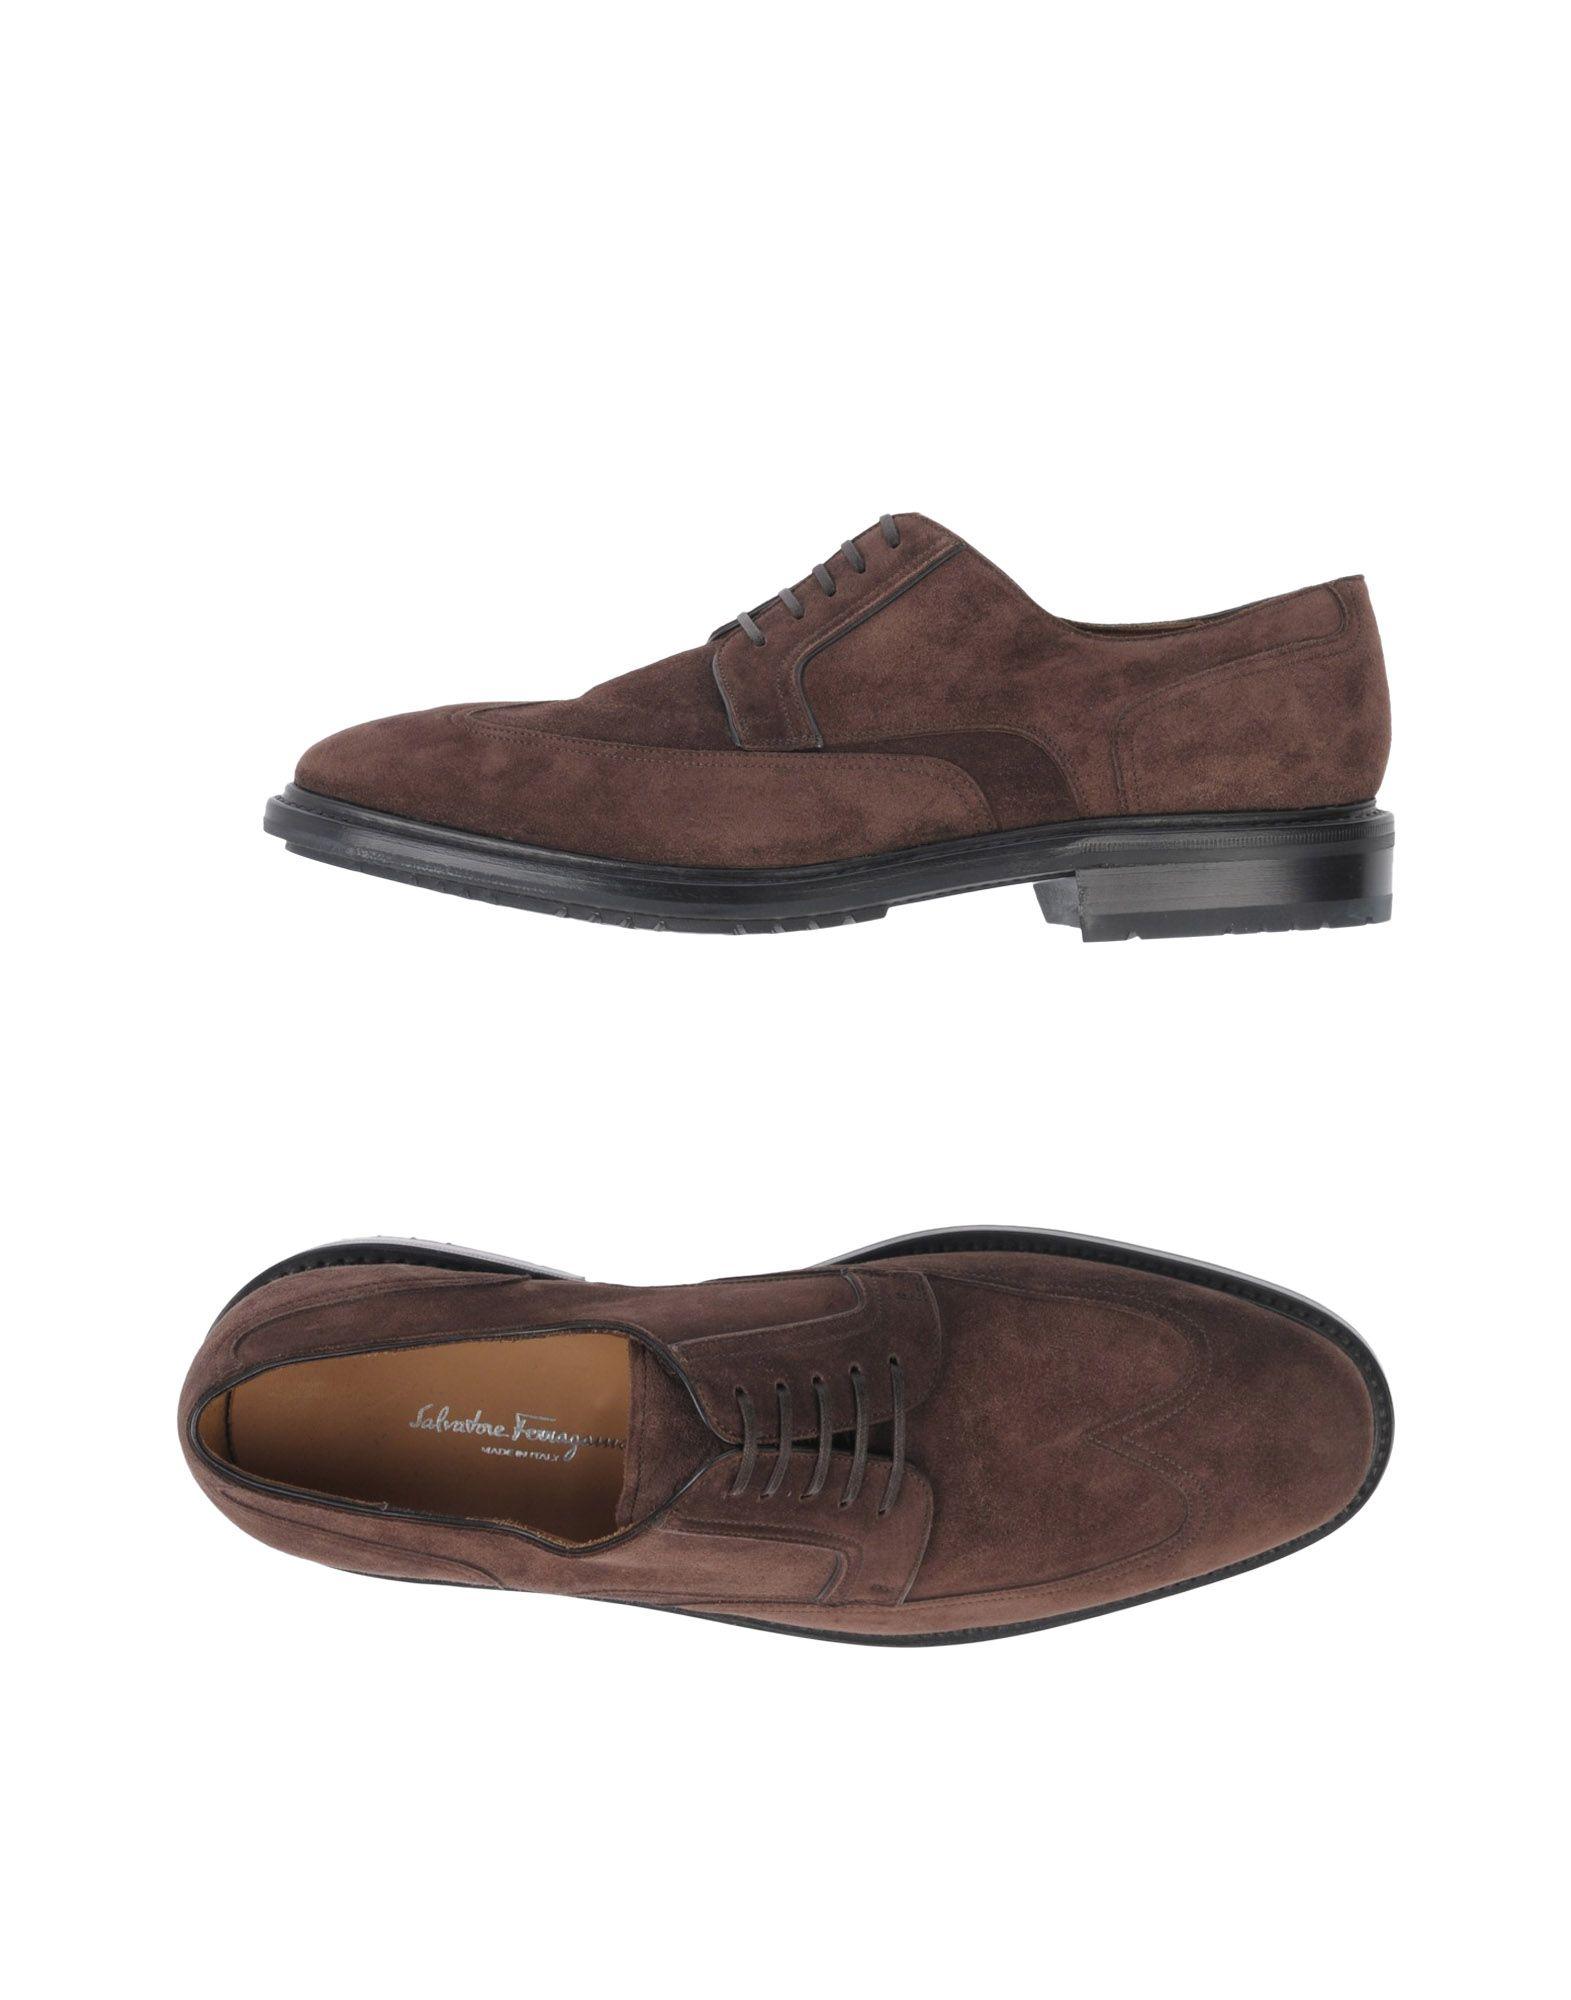 Salvatore Ferragamo Schnürschuhe Herren  11504928KF Gute Qualität beliebte Schuhe